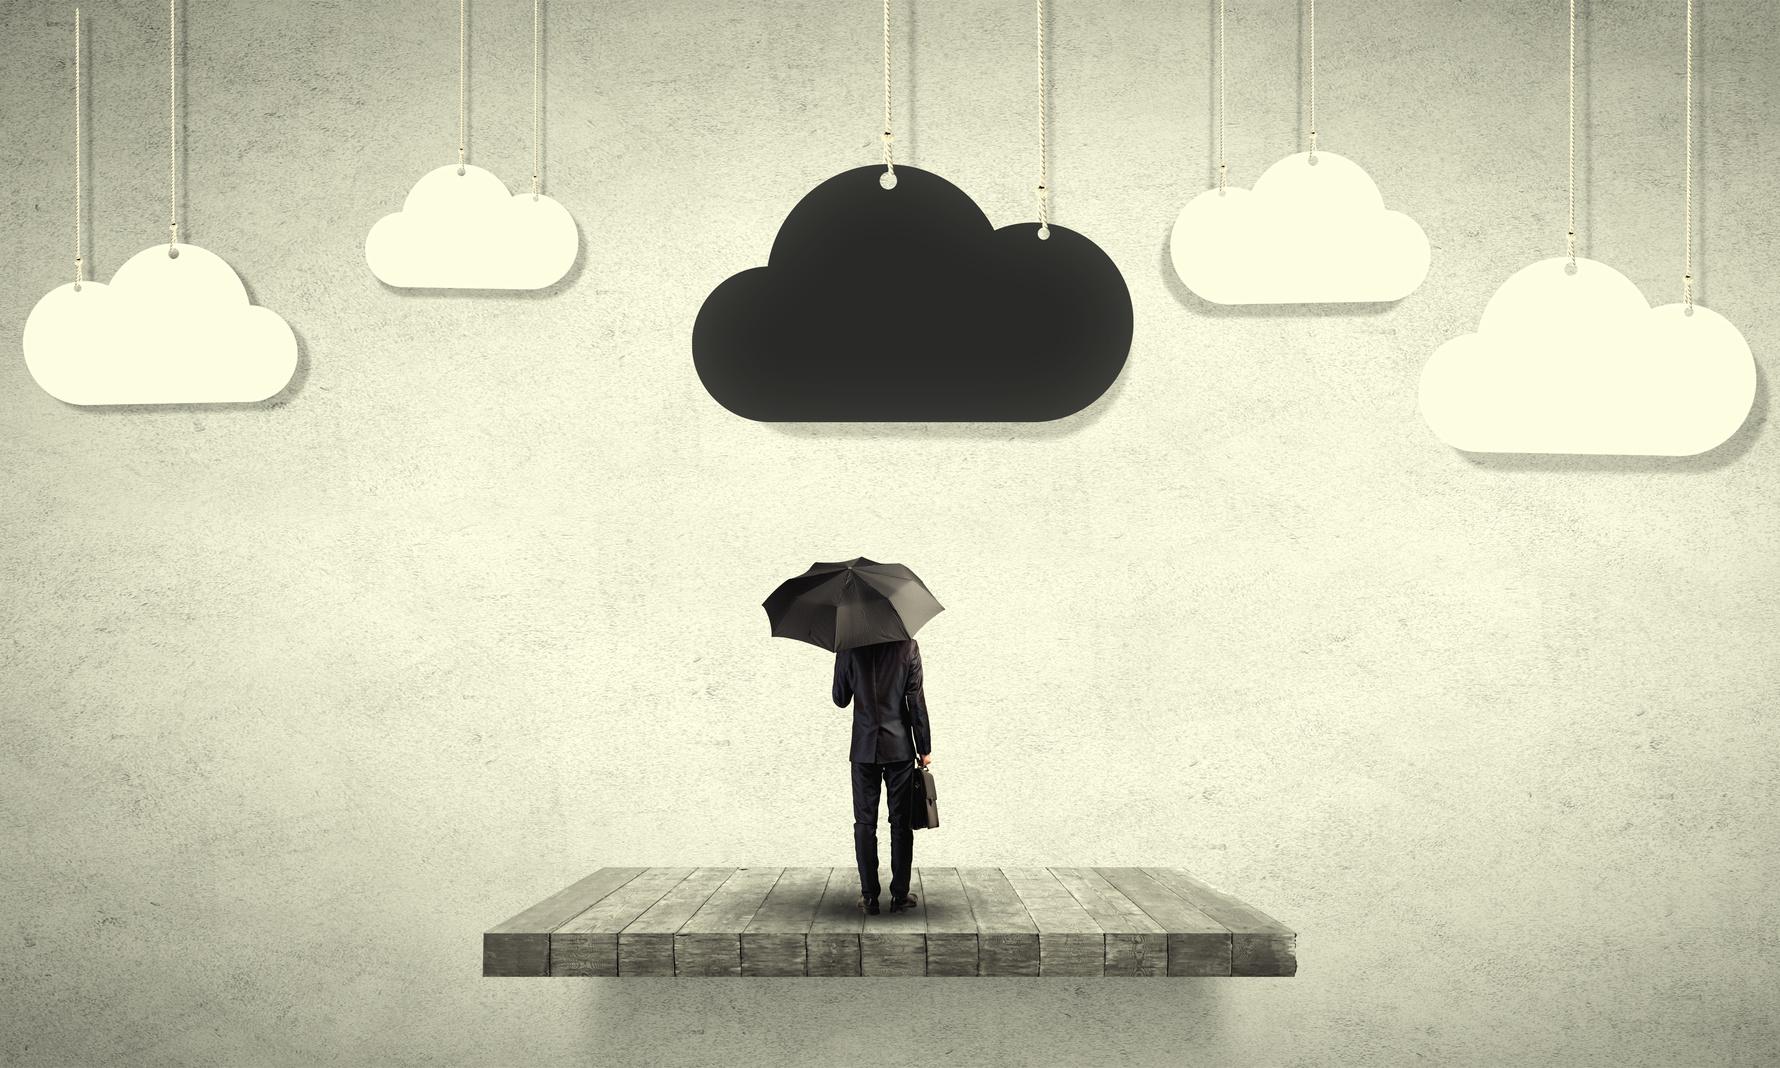 sadness-depression.jpg